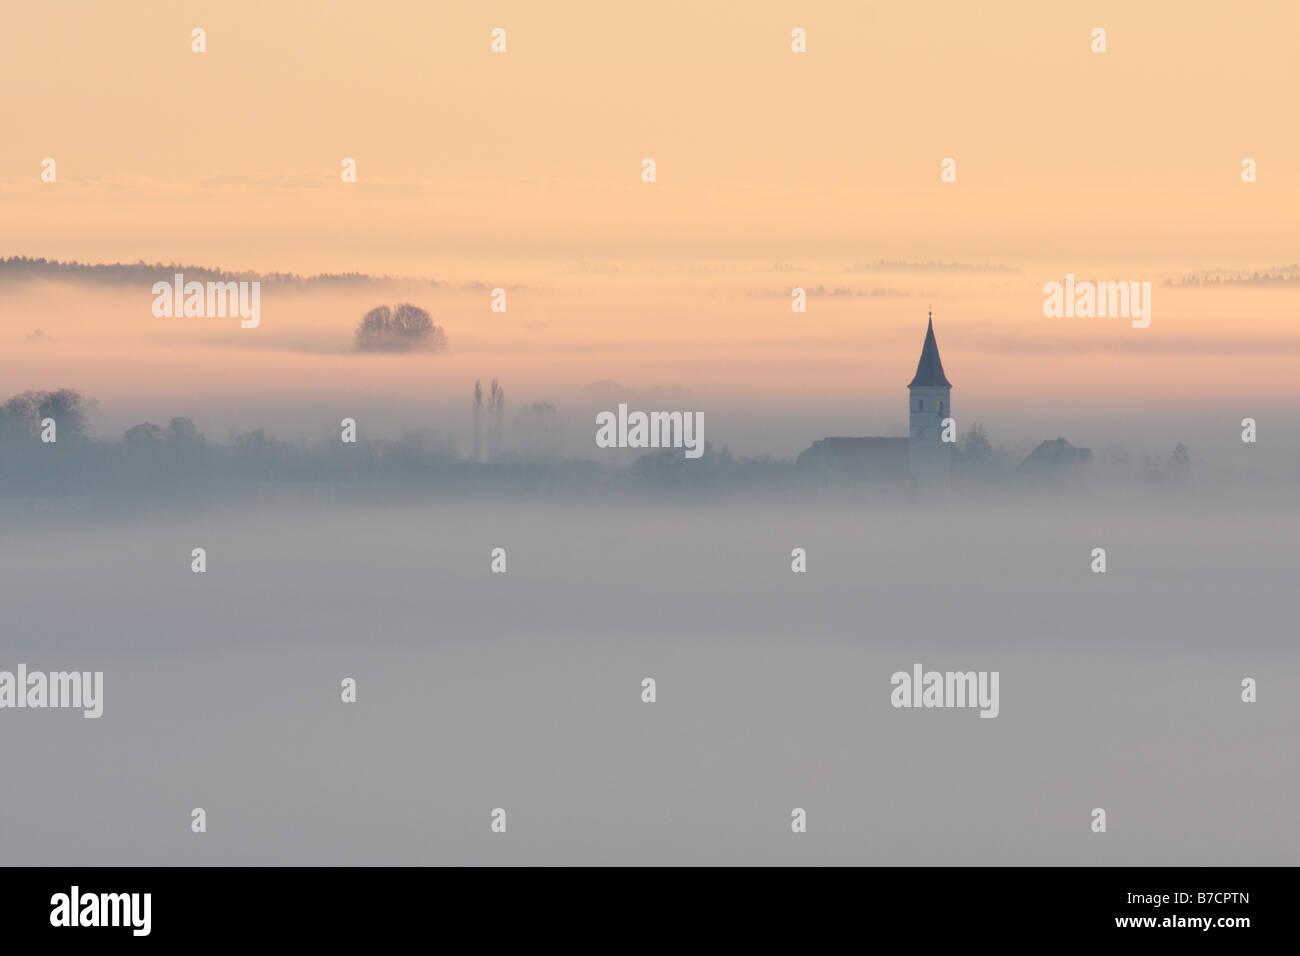 Brouillard au sol dans une vallée avec une agrafe, Allemagne, Bavière, Isental Photo Stock